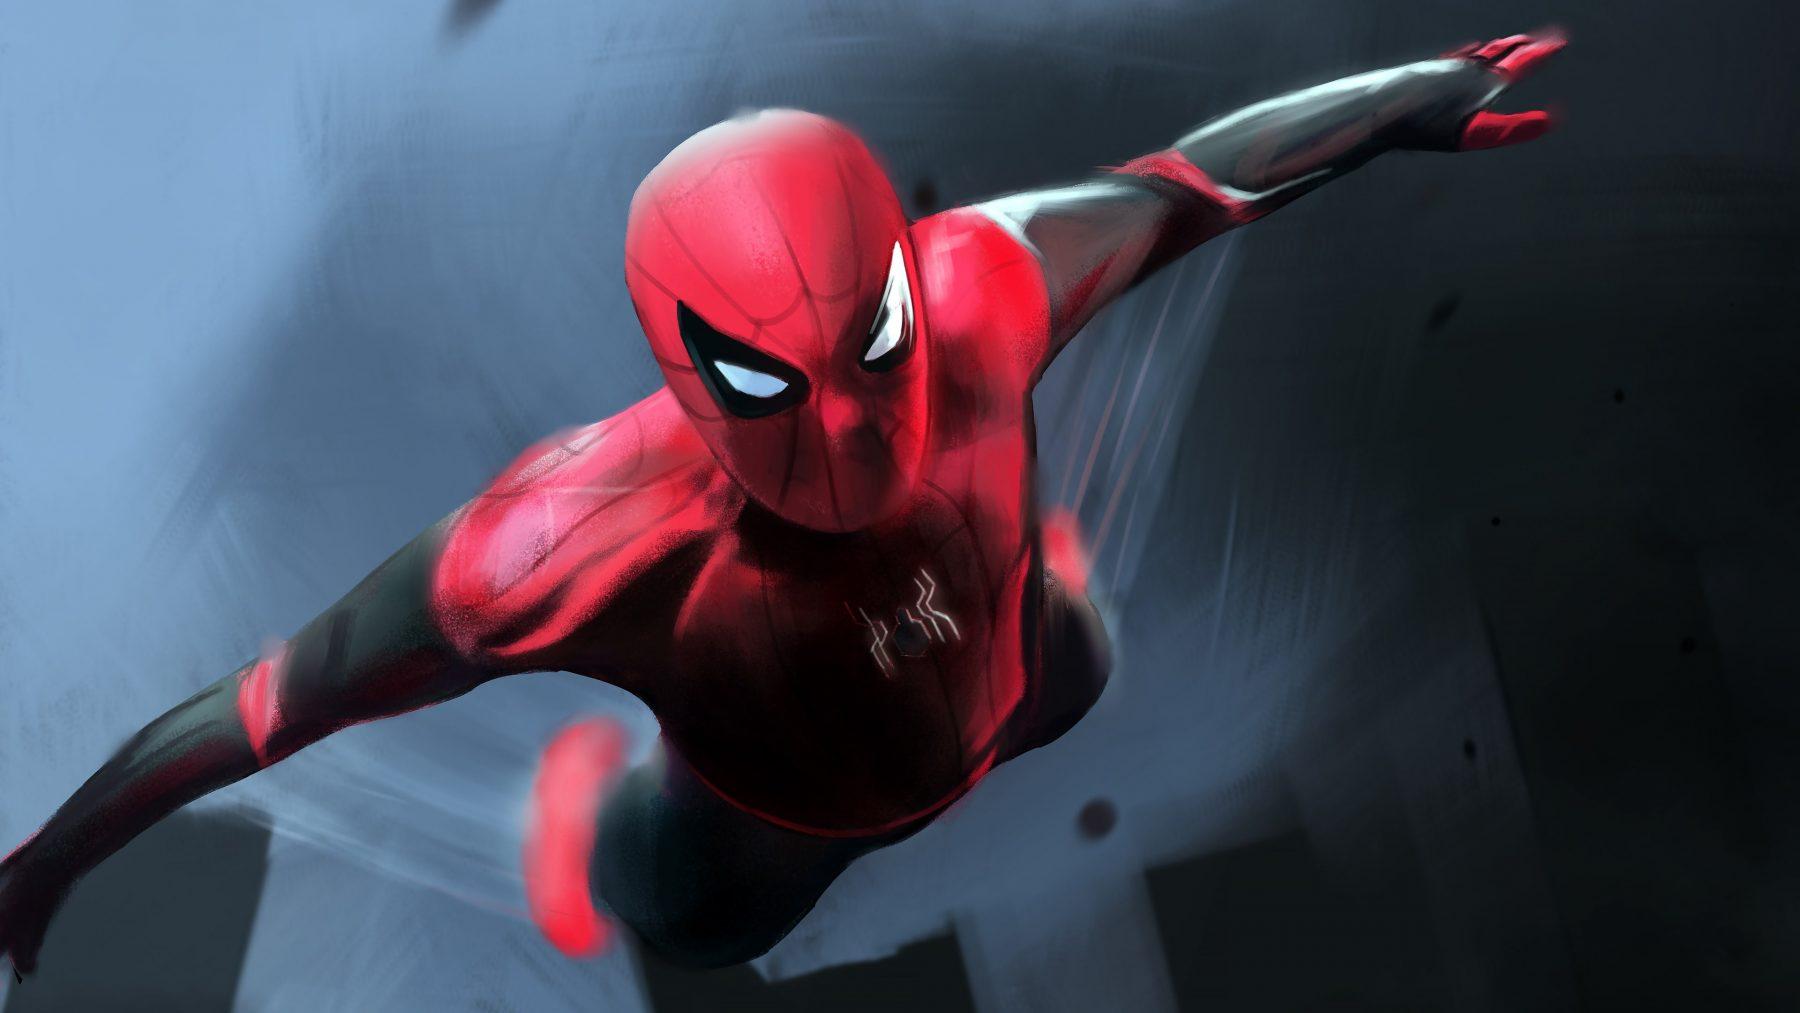 Spider Man Wallpaper For Pc Hd لم يسبق له مثيل الصور Tier3 Xyz